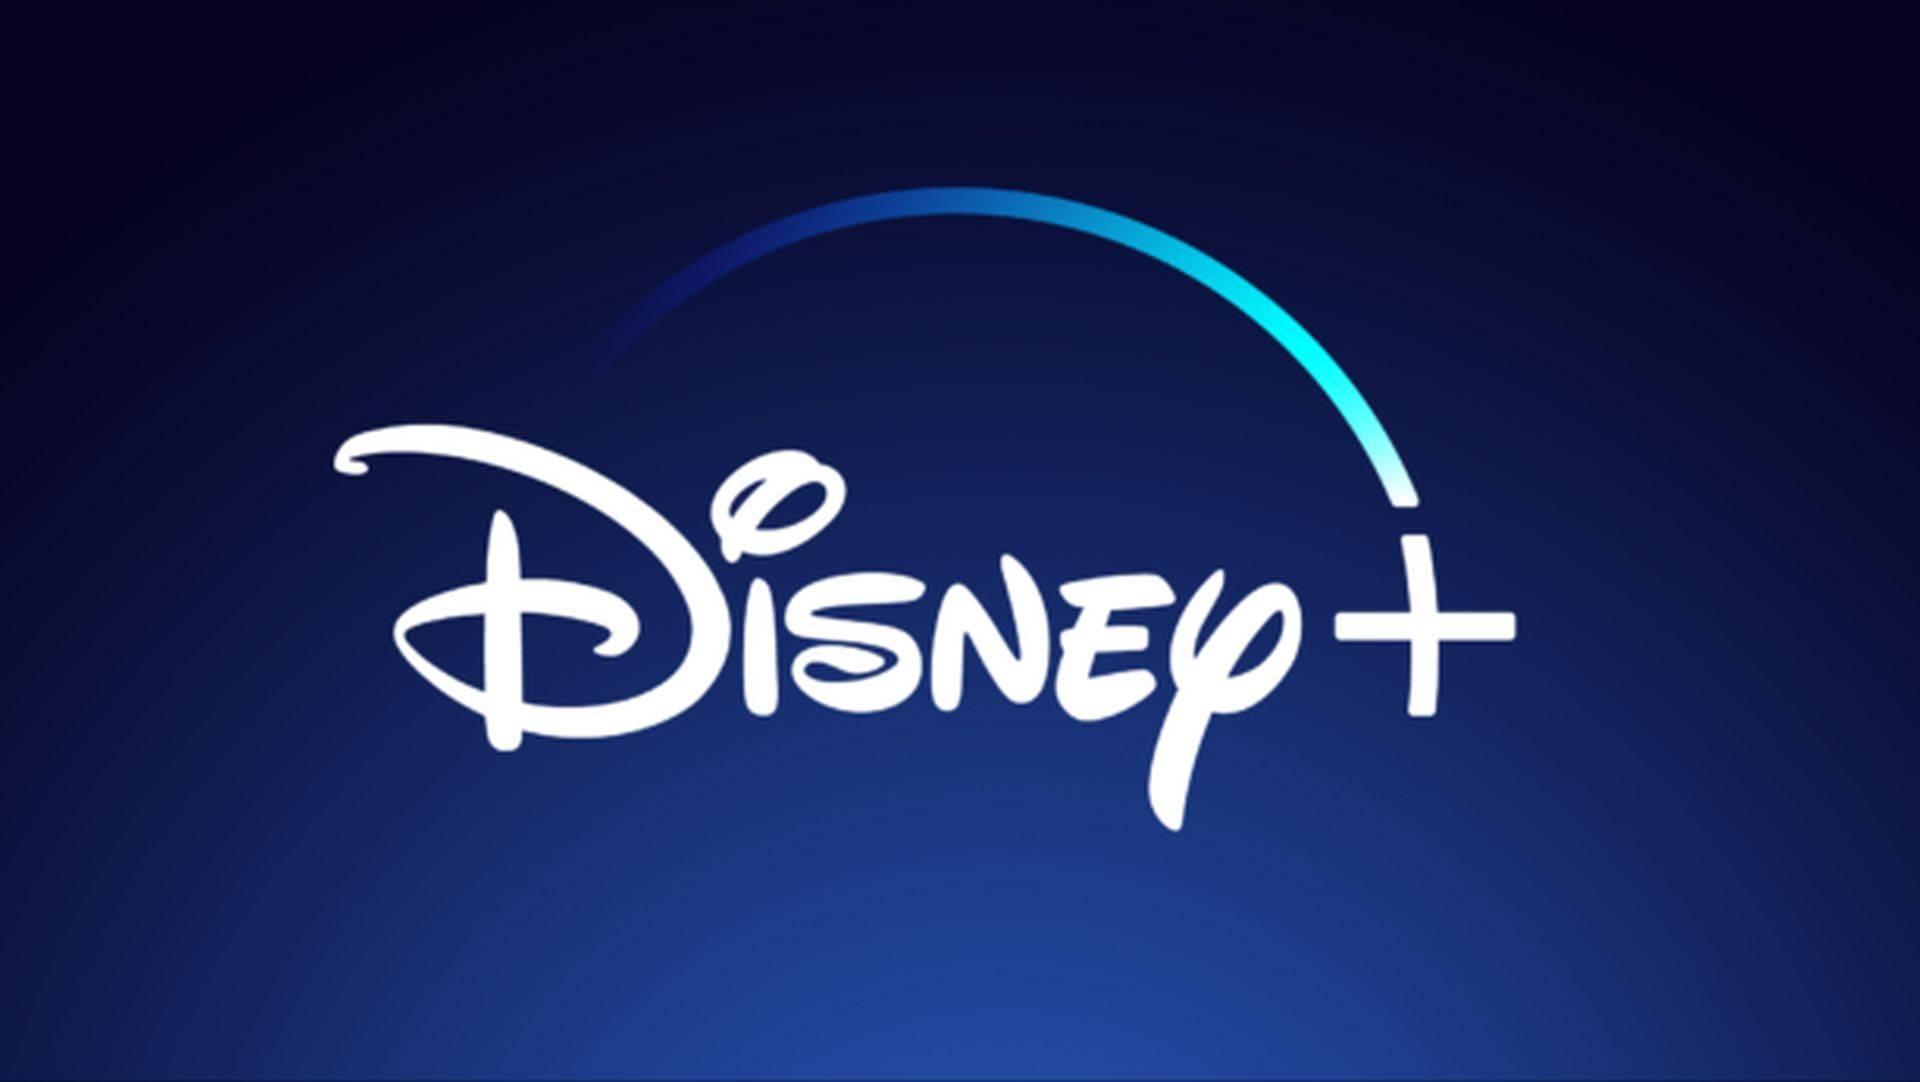 Imagen de Disney+: confirmada fecha de lanzamiento y precio de suscripción mensual y anual